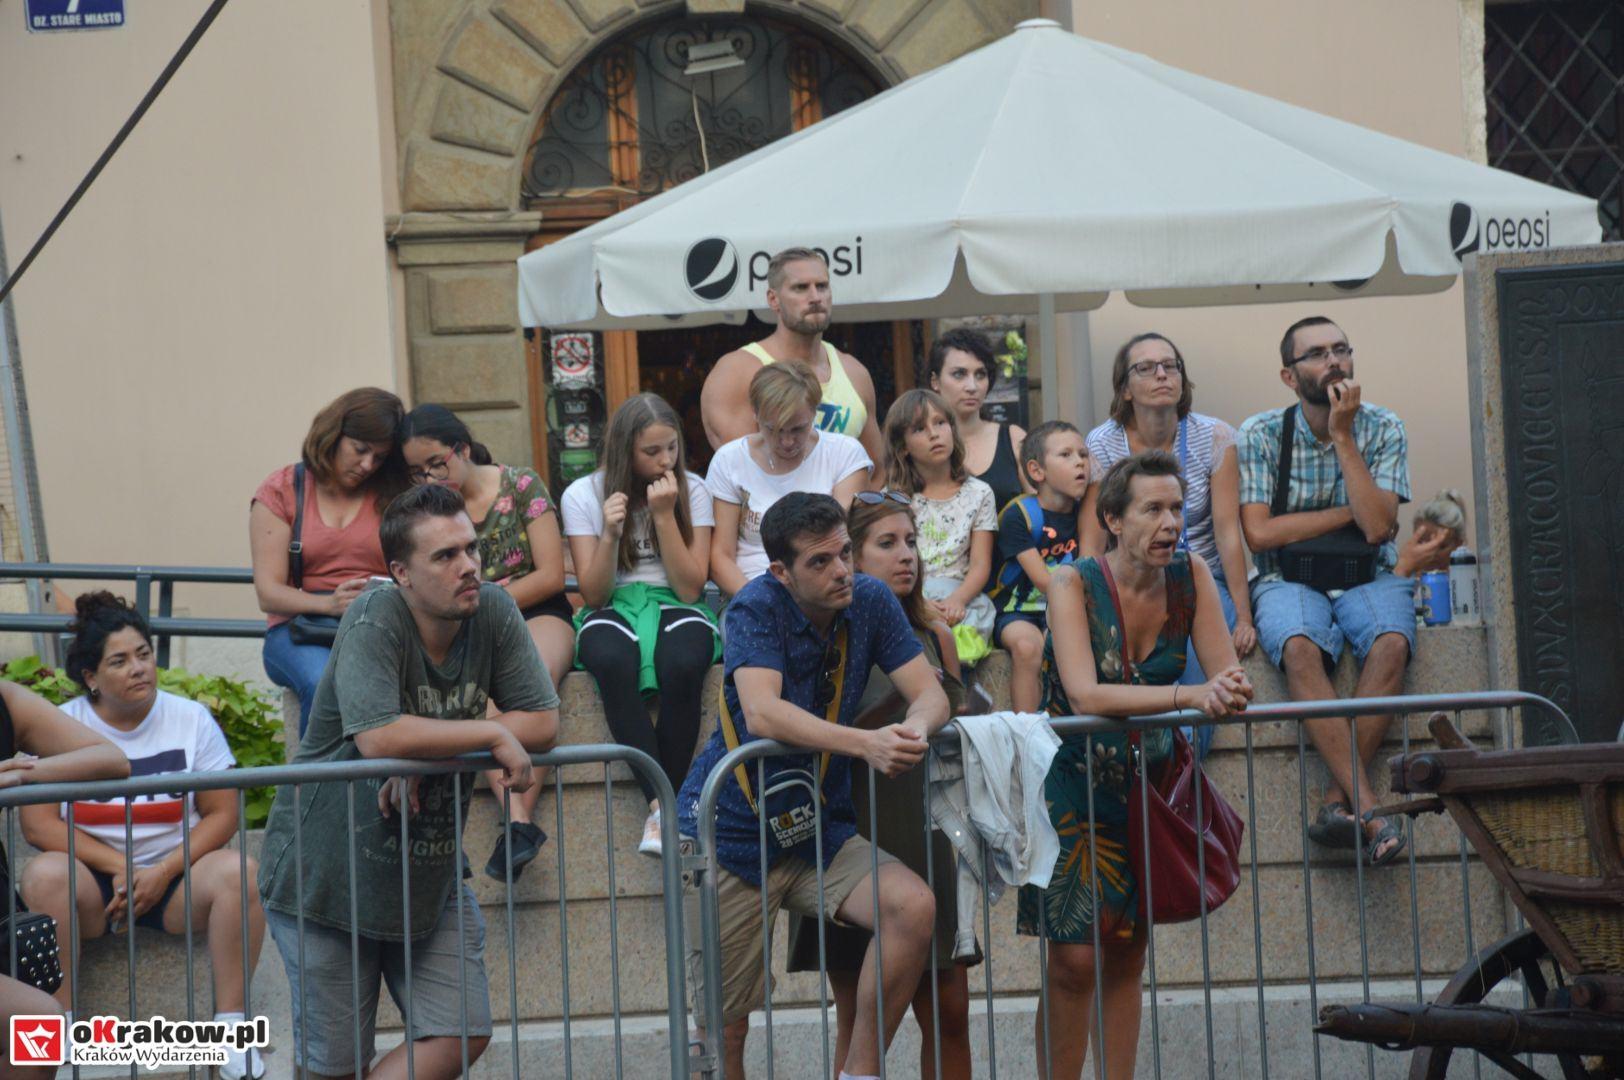 krakow festiwal pierogow maly rynek koncert cheap tobacco 157 150x150 - Galeria zdjęć Festiwal Pierogów Kraków 2018 + zdjęcia z koncertu Cheap Tobacco